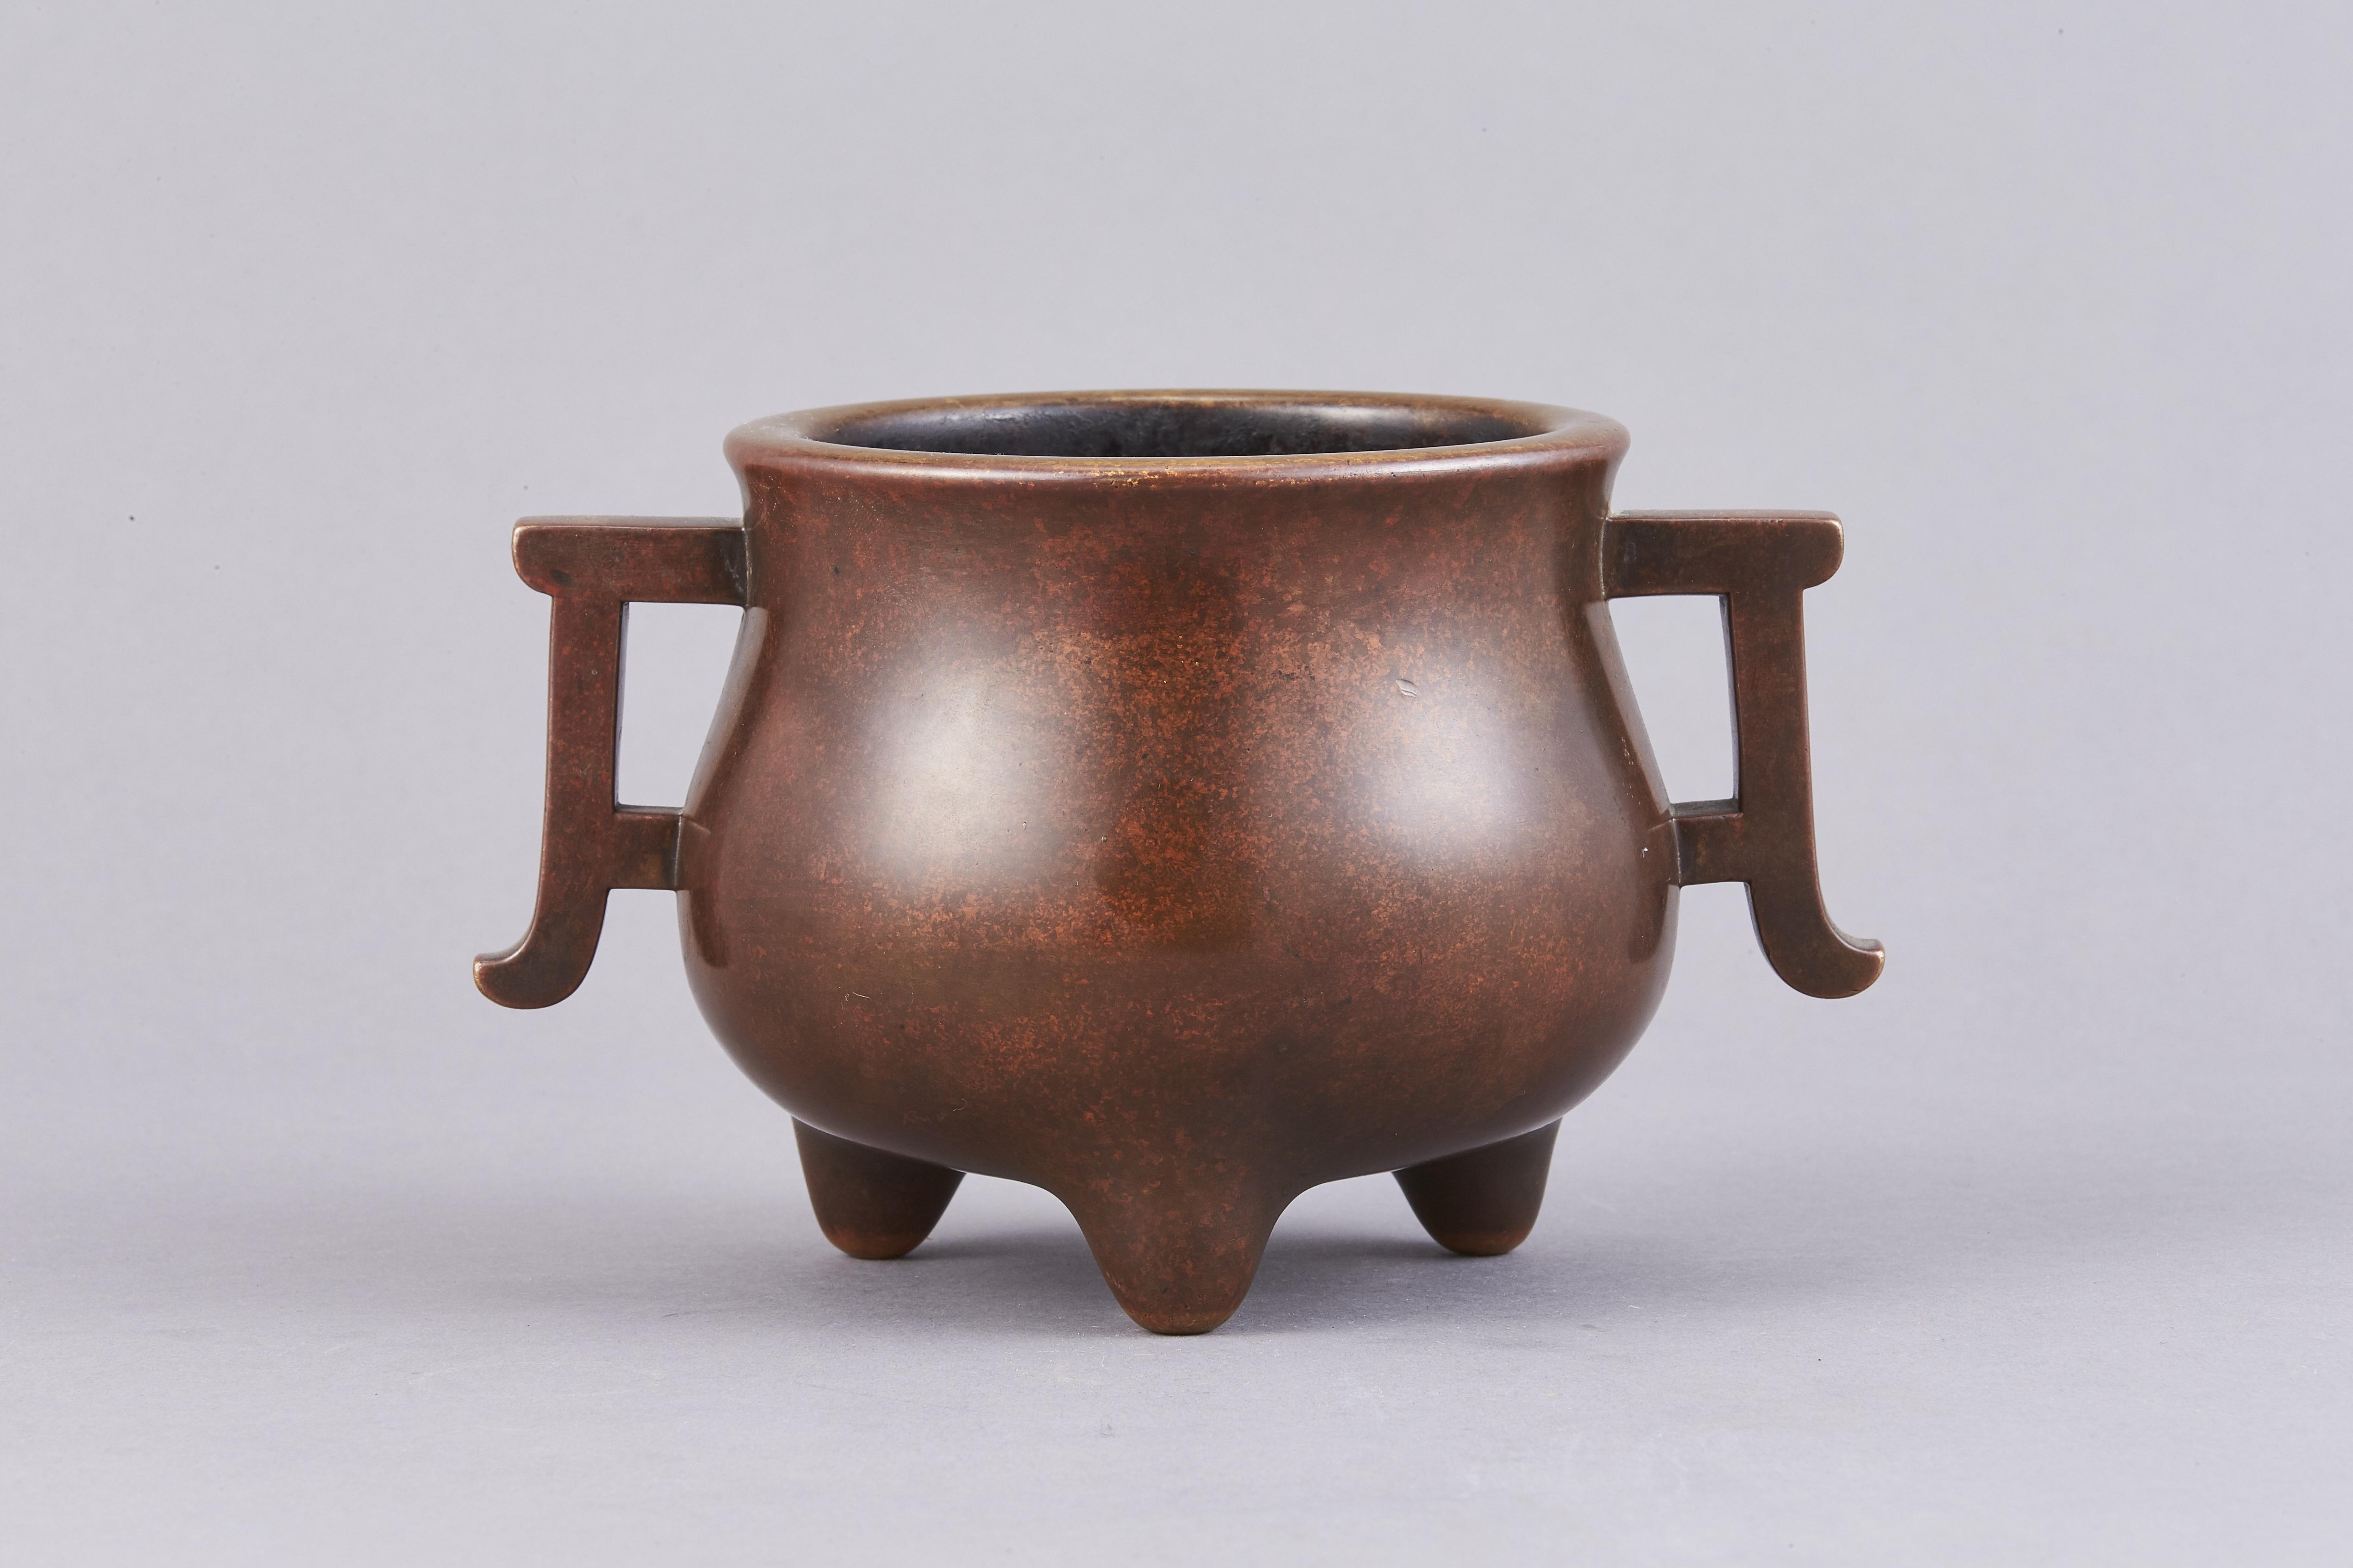 171424清早期「宣徳年製」款 銅 戧耳深腹 三足爐